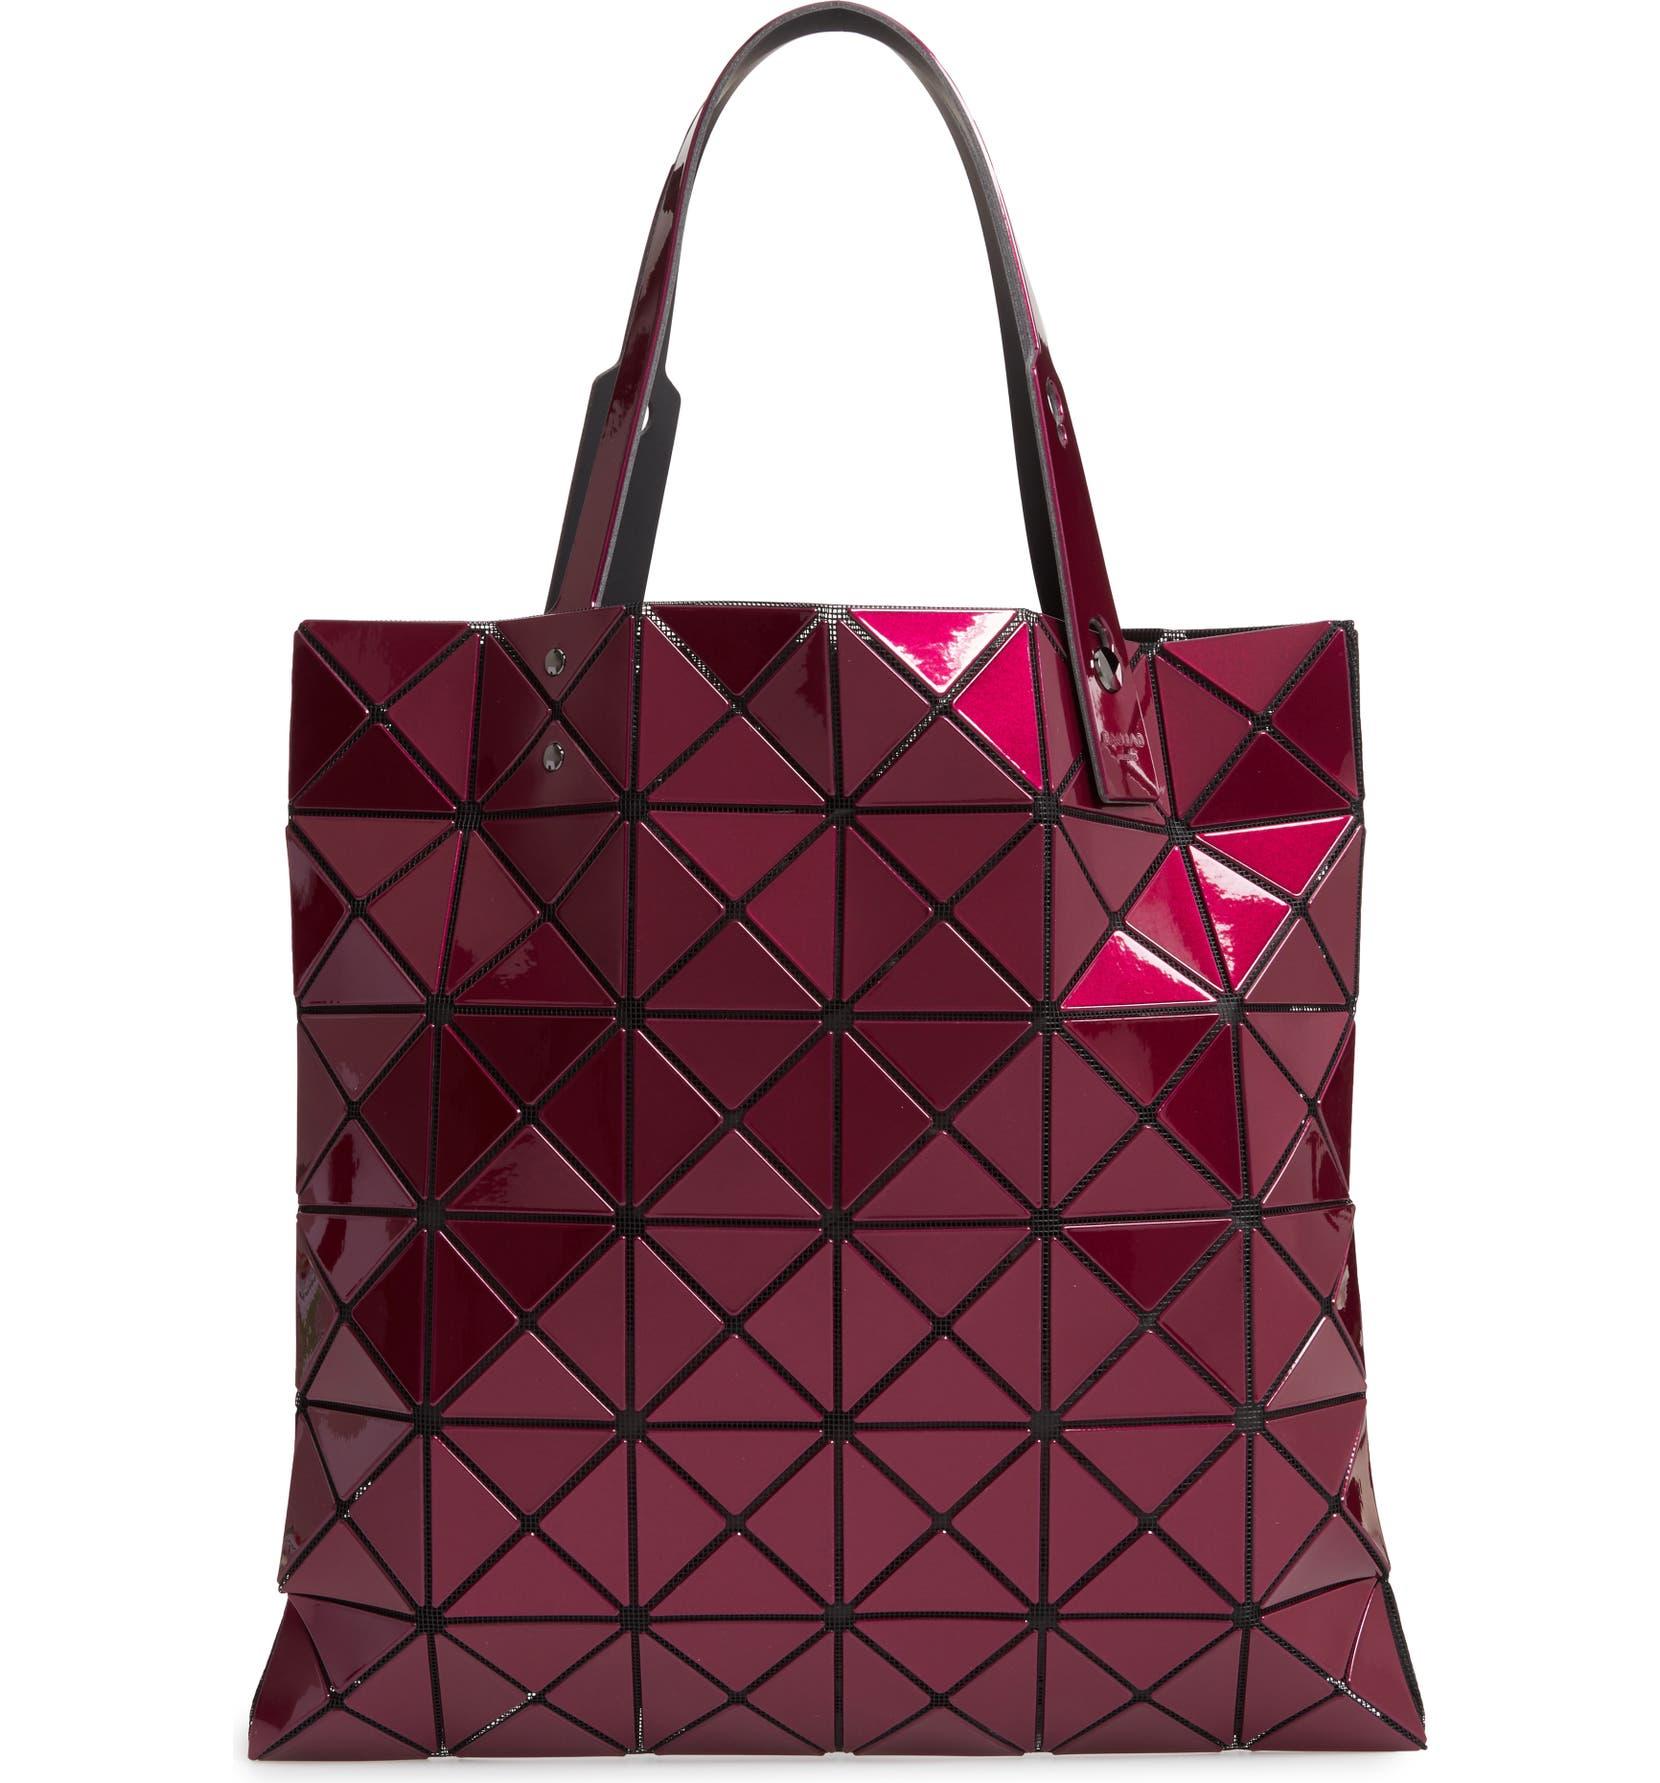 47cc84e5df1e Bao Bao Issey Miyake Lucent Metallic Tote Bag